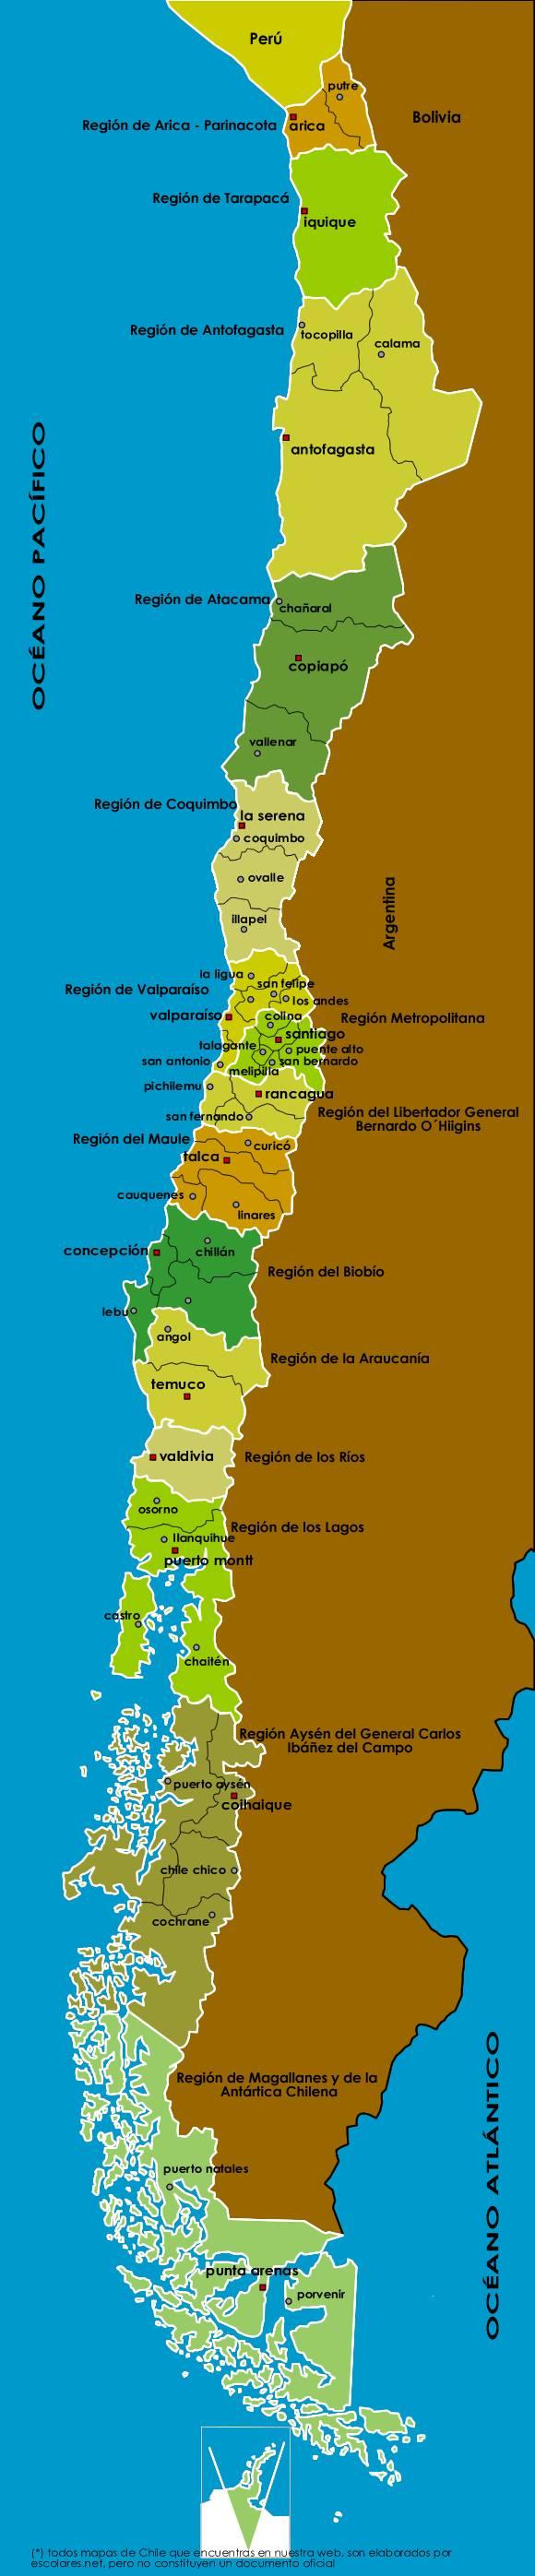 mapa chile Mapa Político de Chile Actualizado con sus 15 Regiones mapa chile